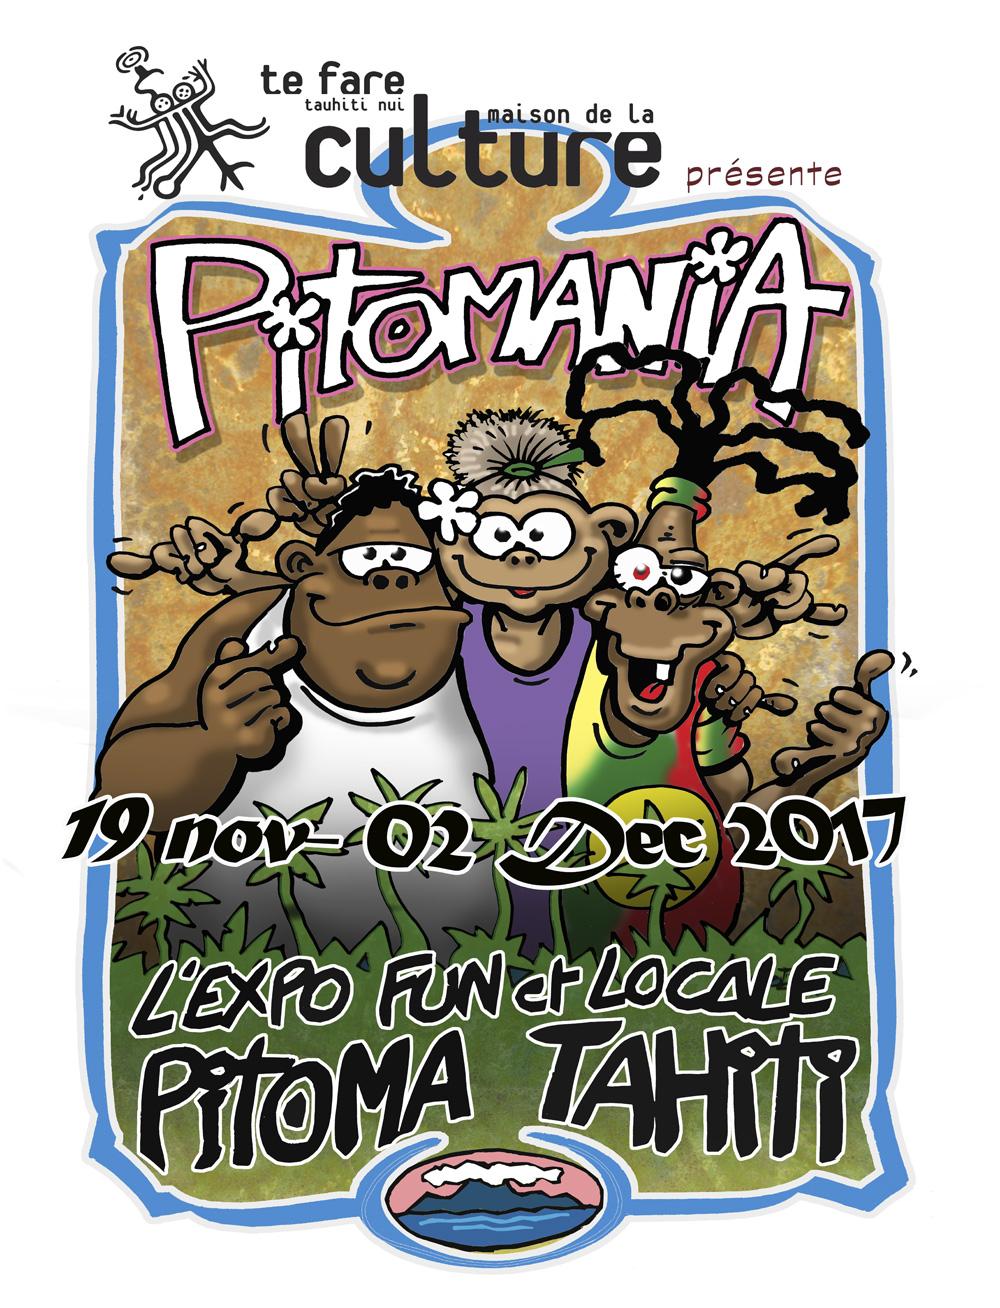 Pitomania l'expo qui présente Pito Ma, sa bande, son histoire et son milieu